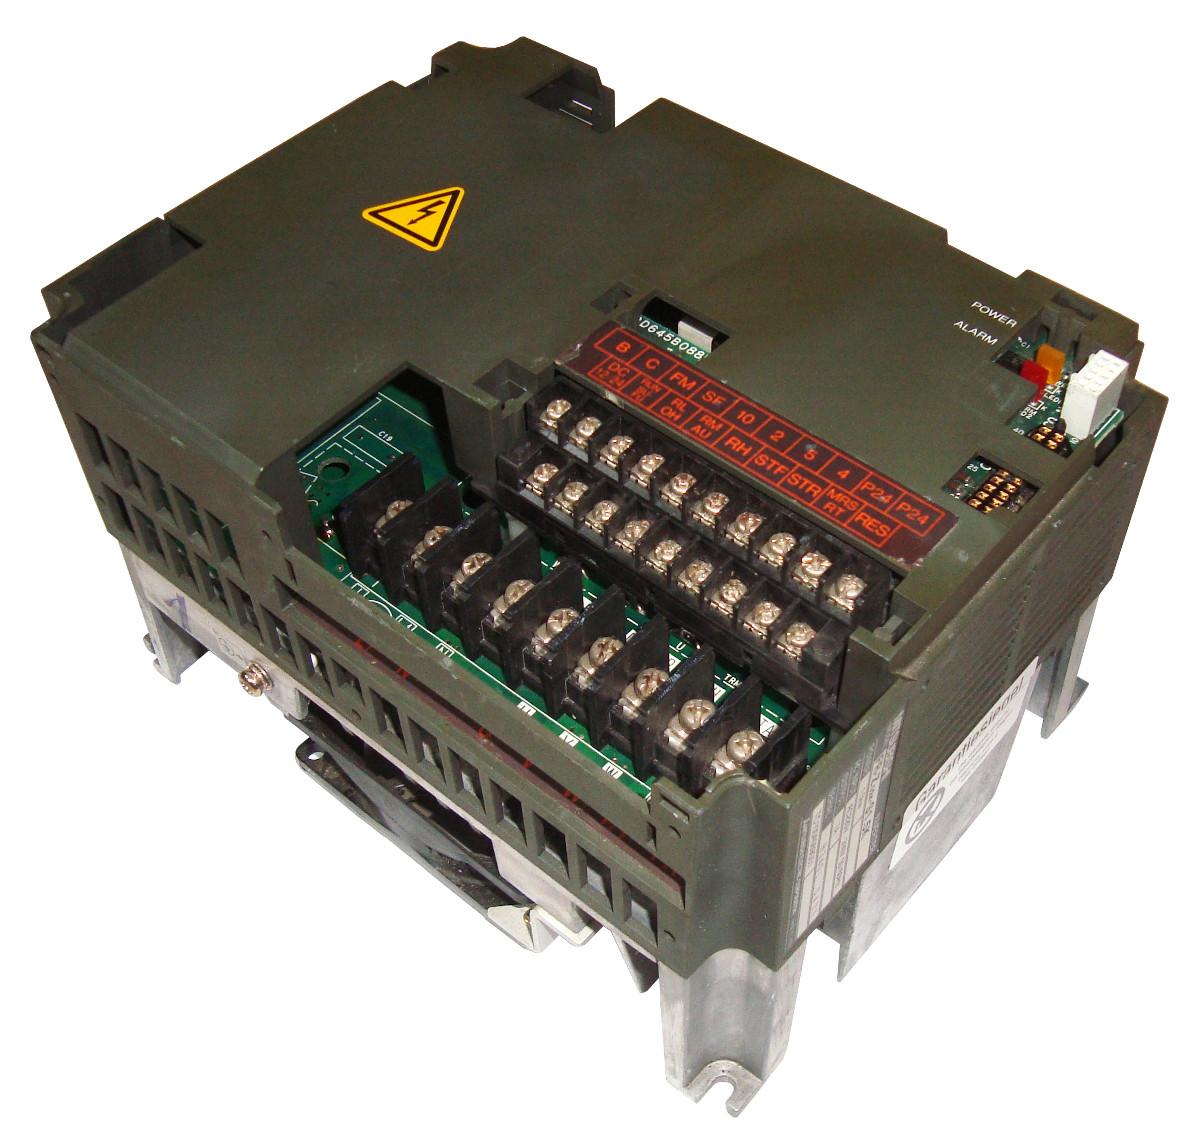 VORSCHAU: MITSUBISHI ELECTRIC FR-Z024-S1.5K FREQUENZUMFORMER